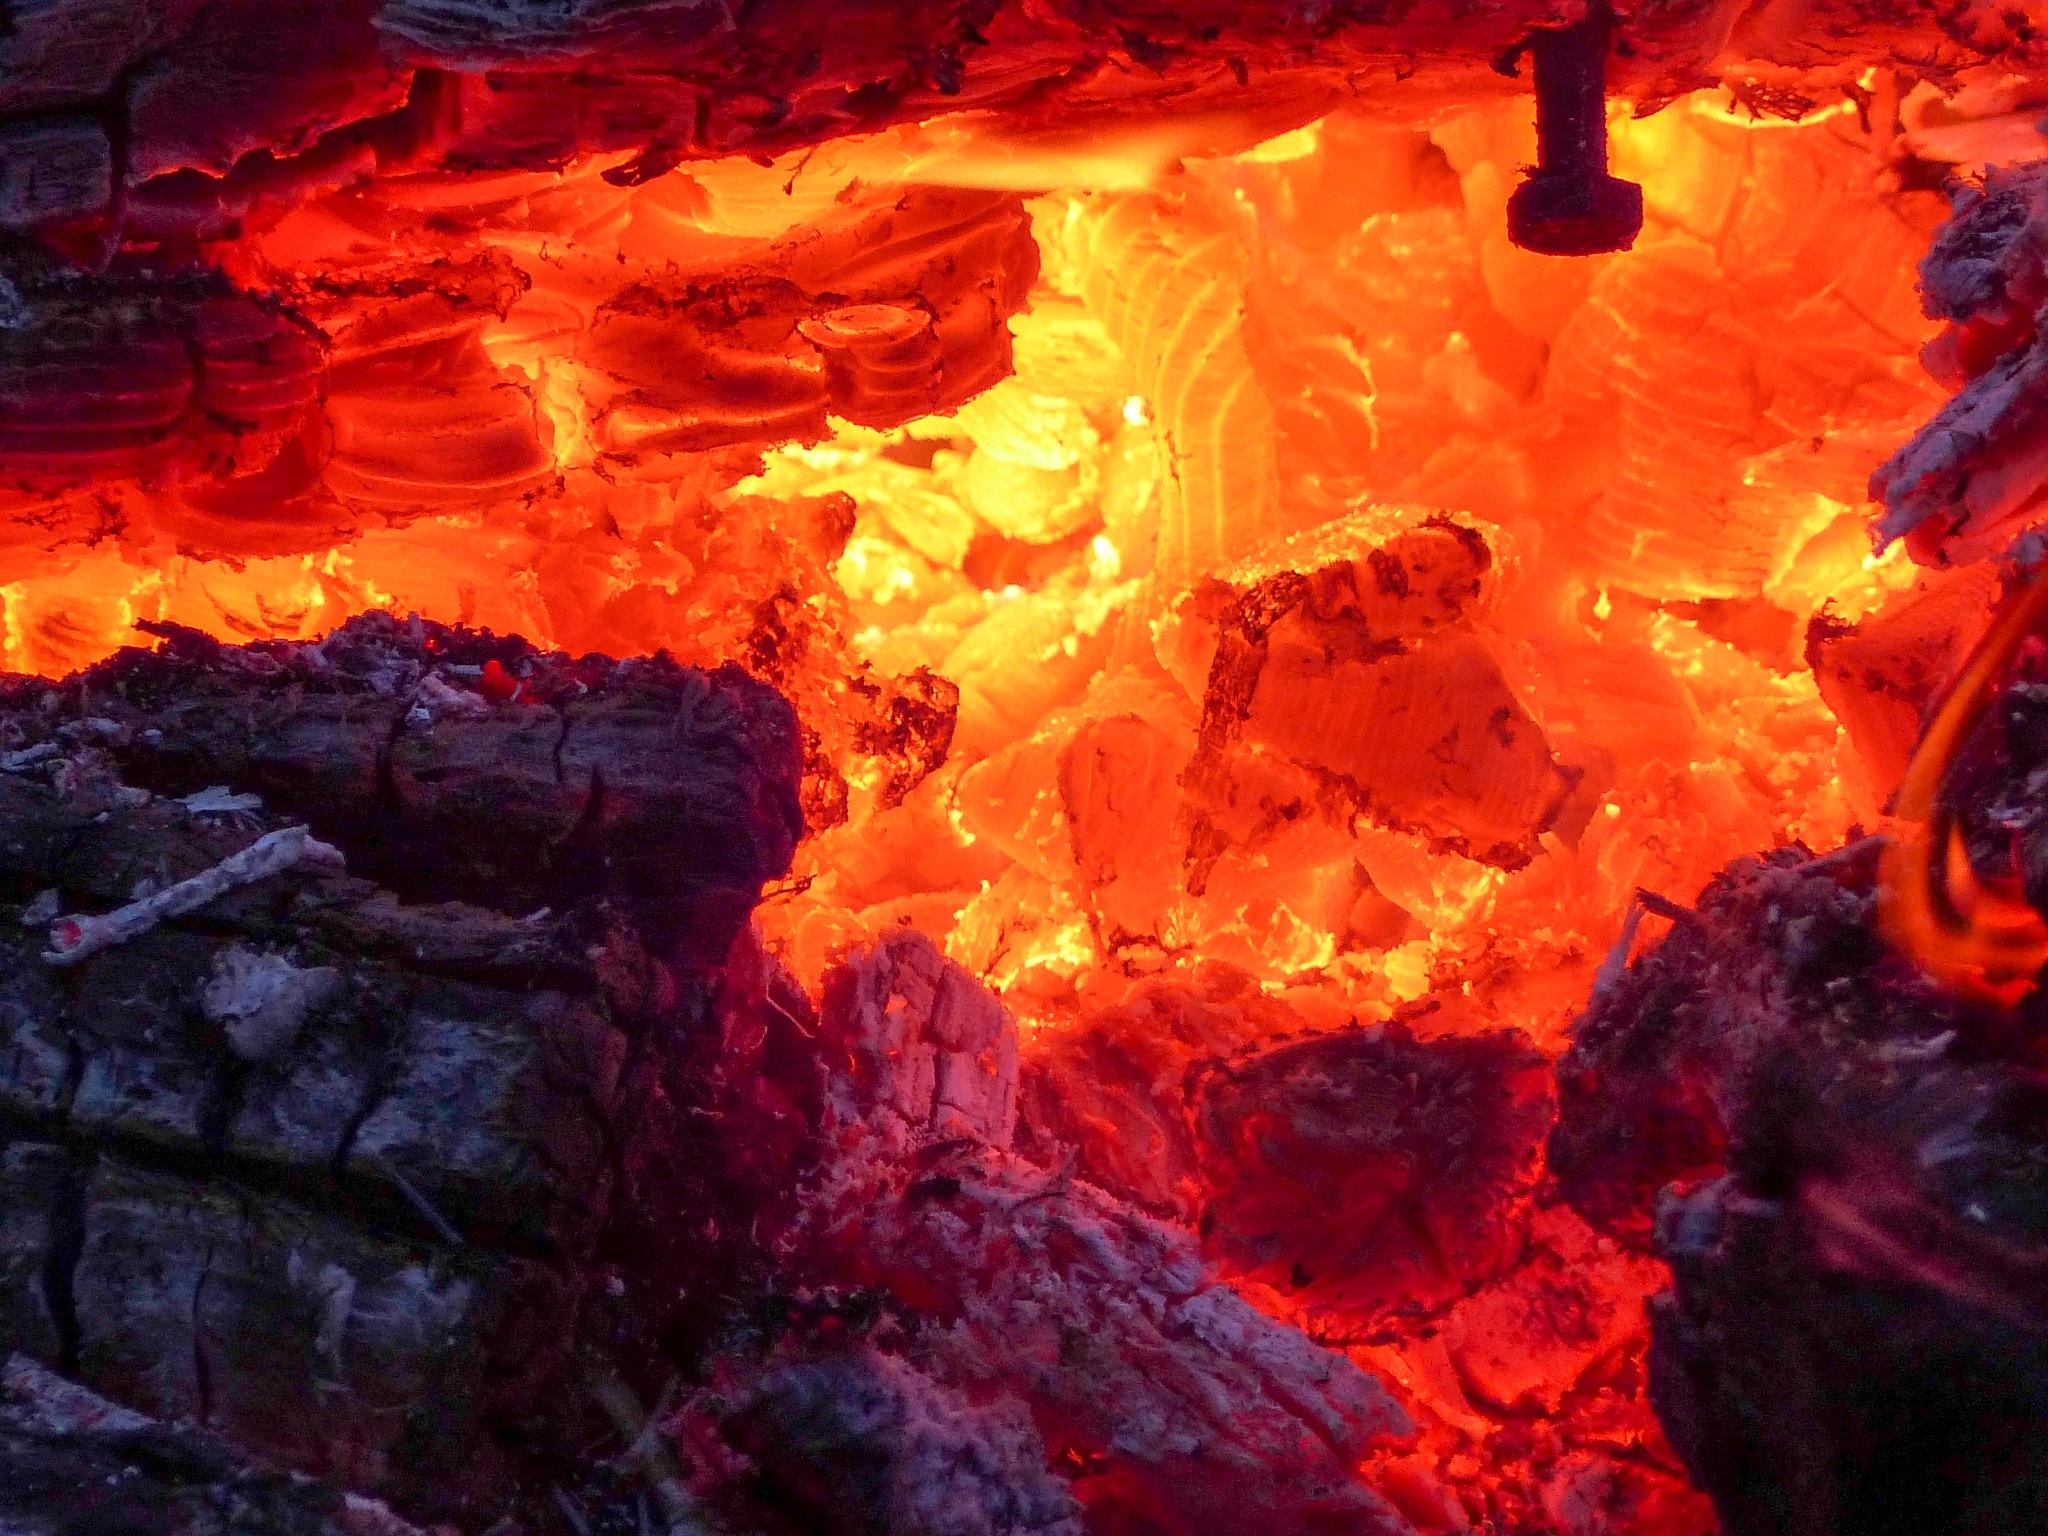 Raging Fire by Brigitte Werner